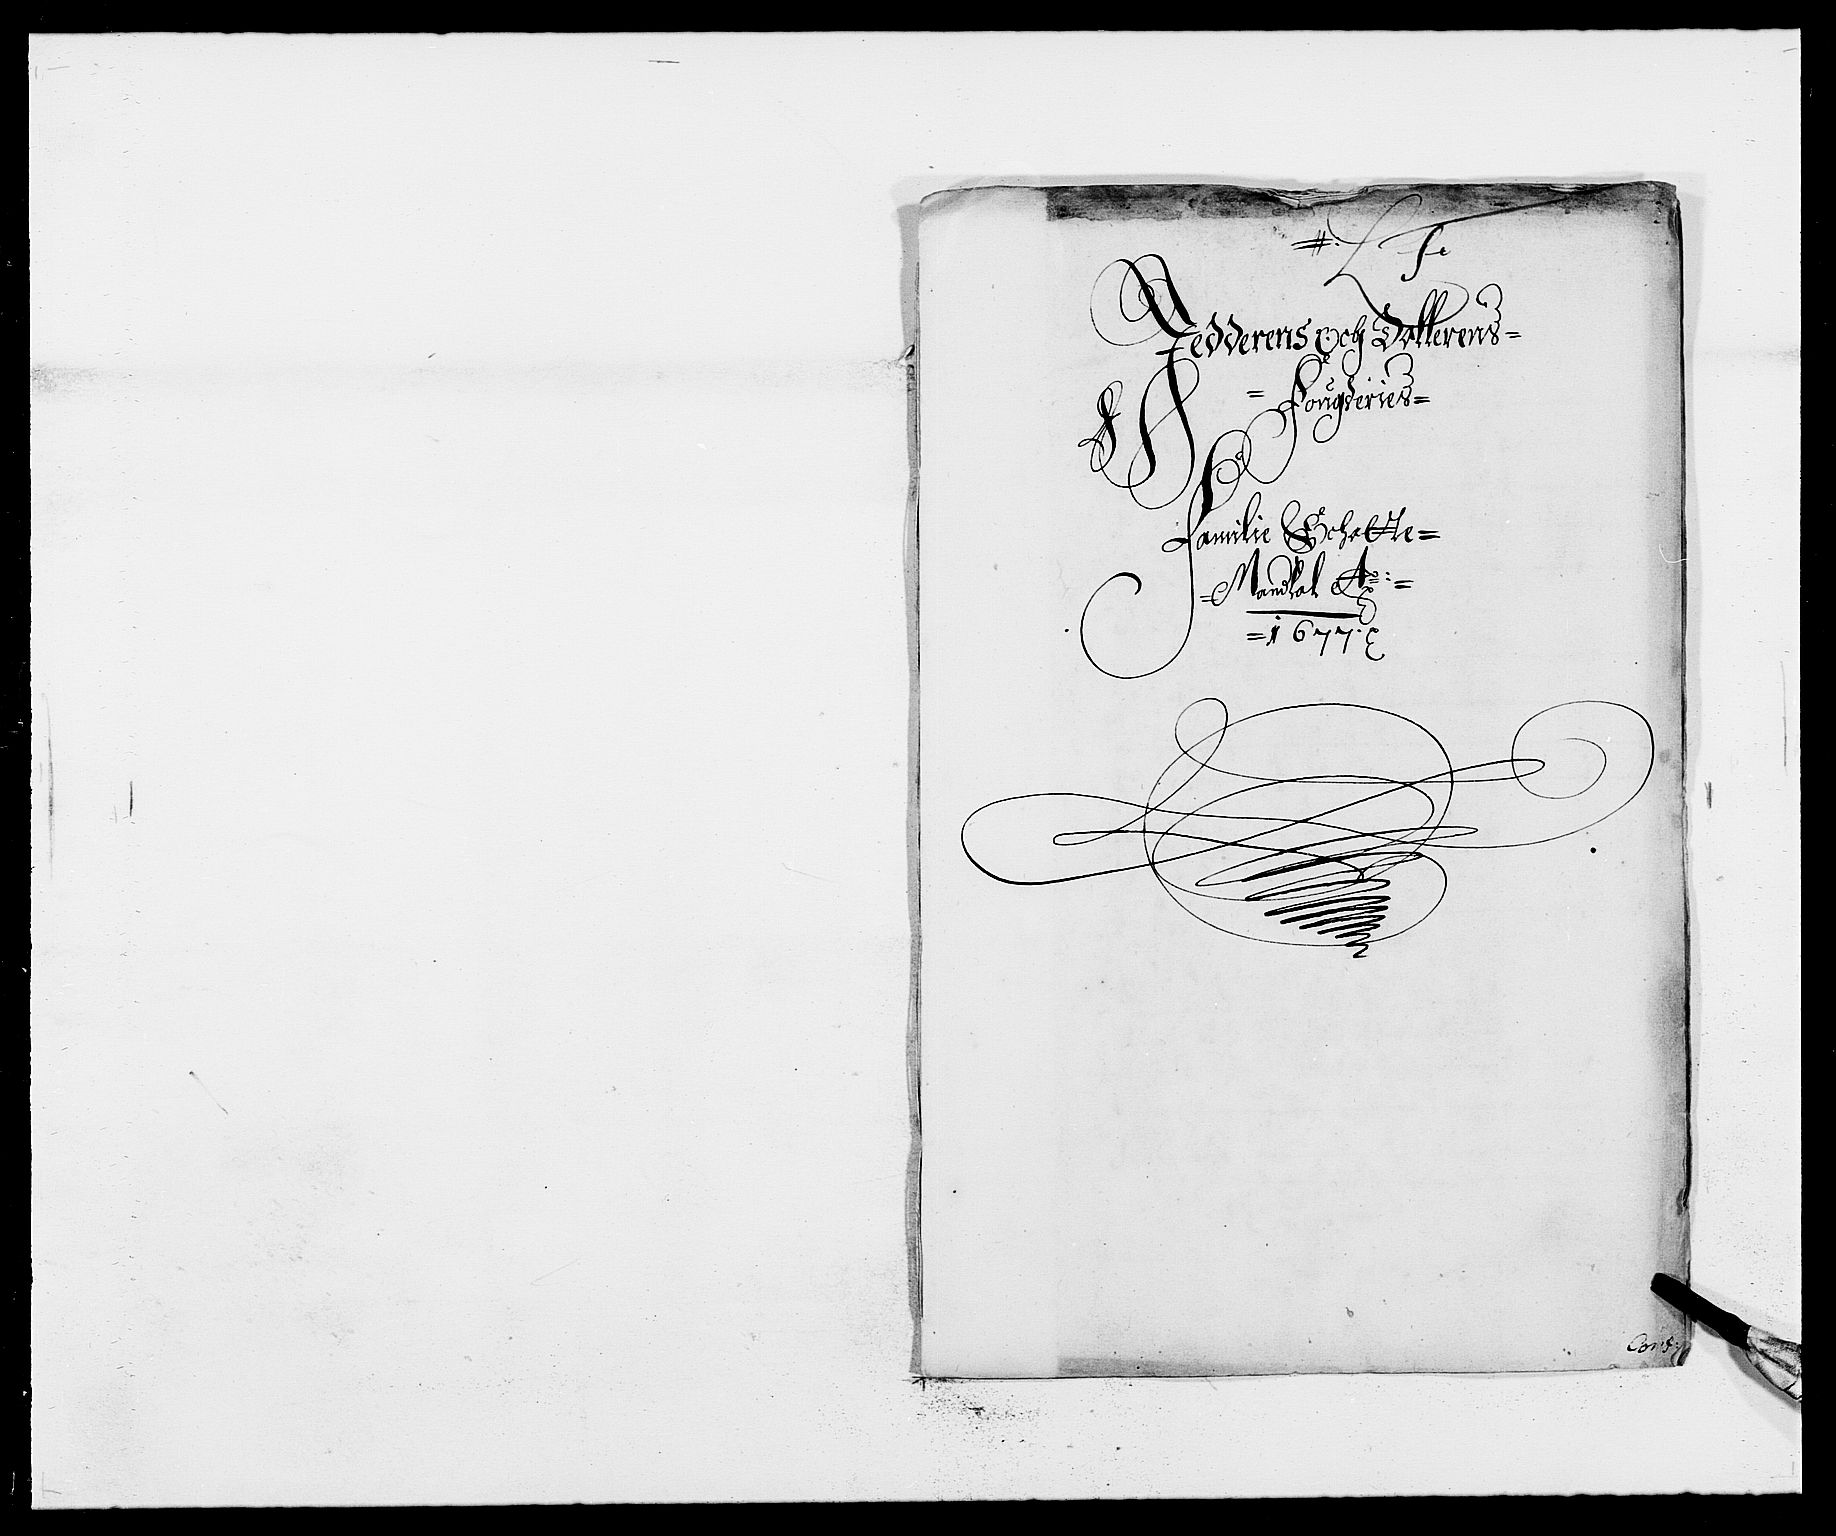 RA, Rentekammeret inntil 1814, Reviderte regnskaper, Fogderegnskap, R46/L2717: Fogderegnskap Jæren og Dalane, 1677, s. 186